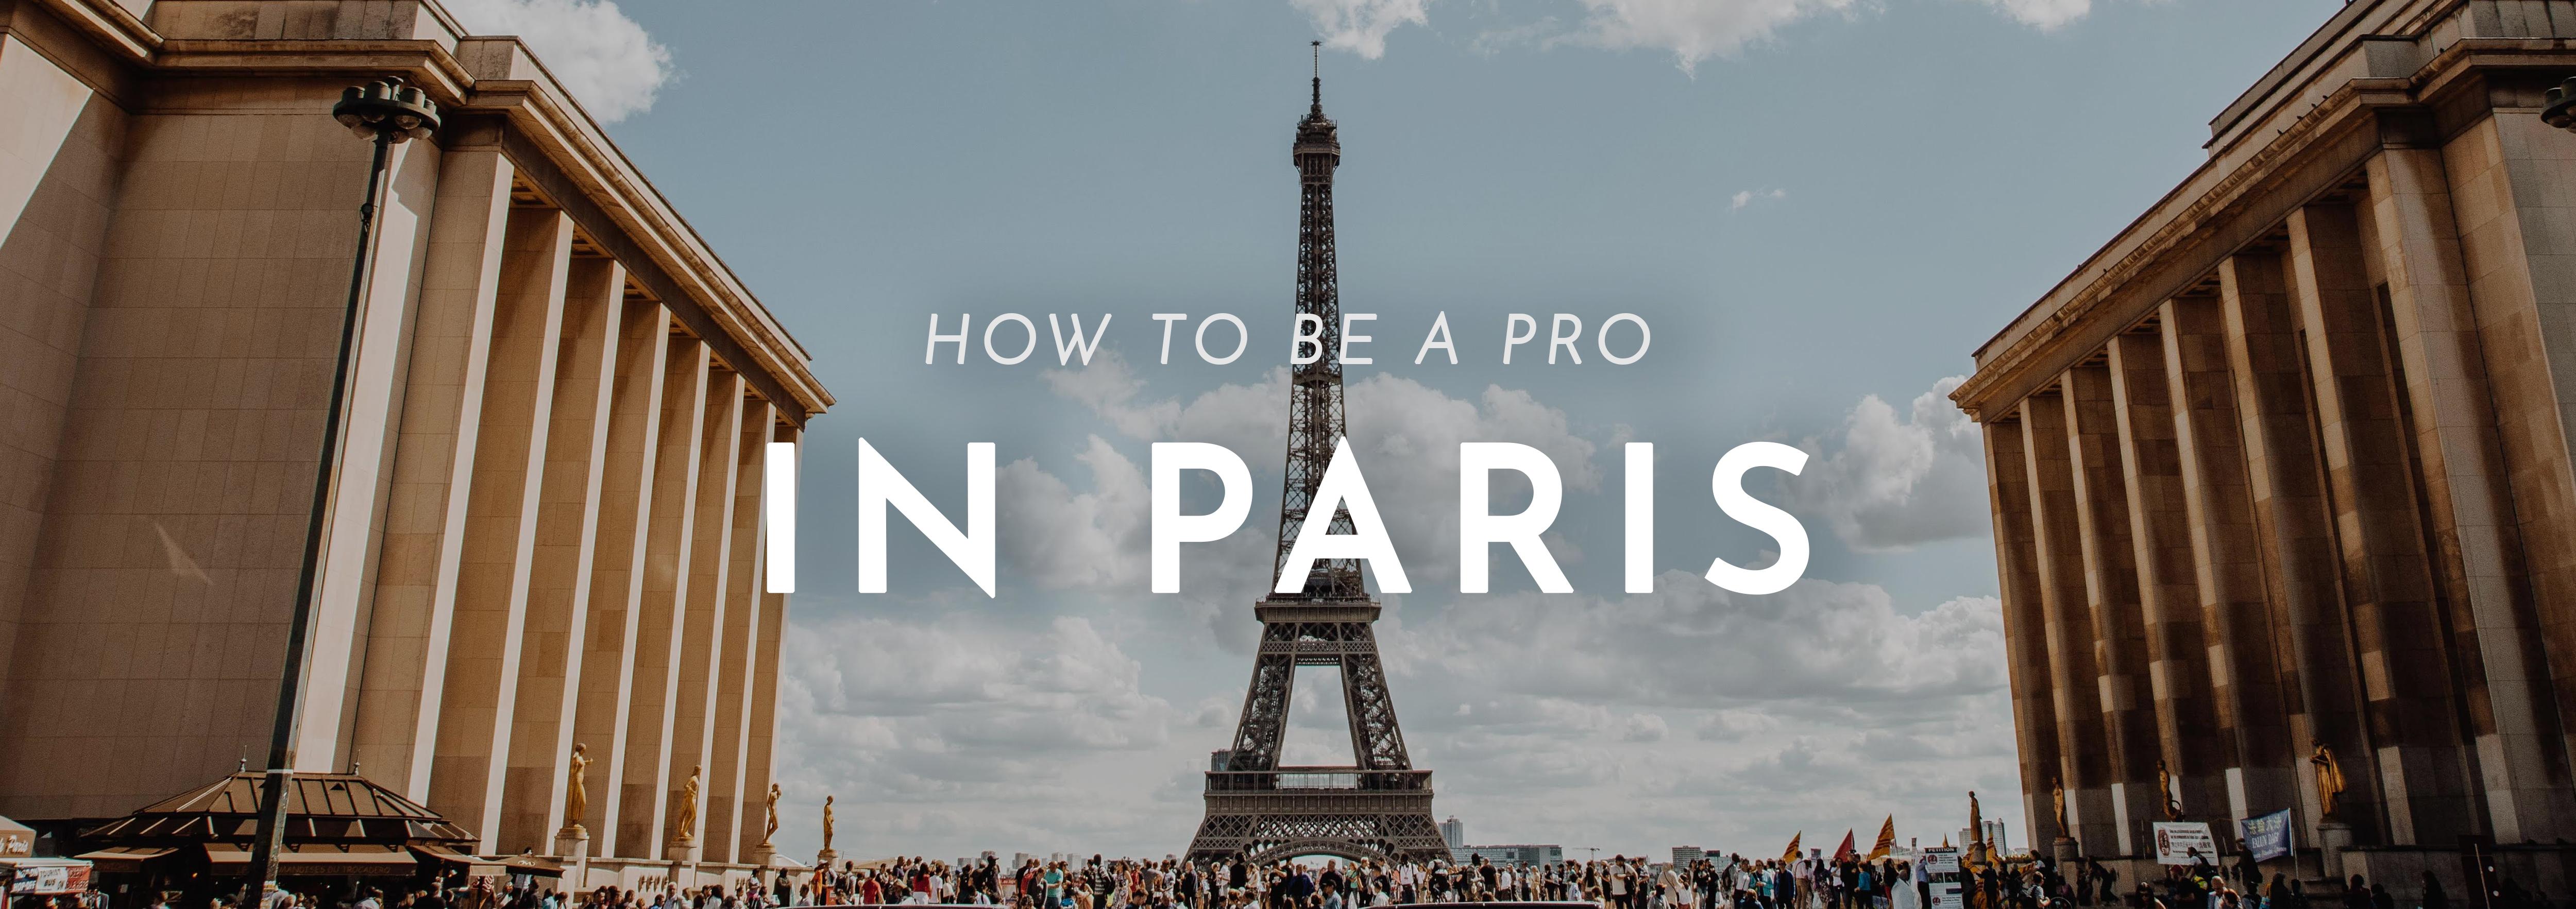 ParisPro